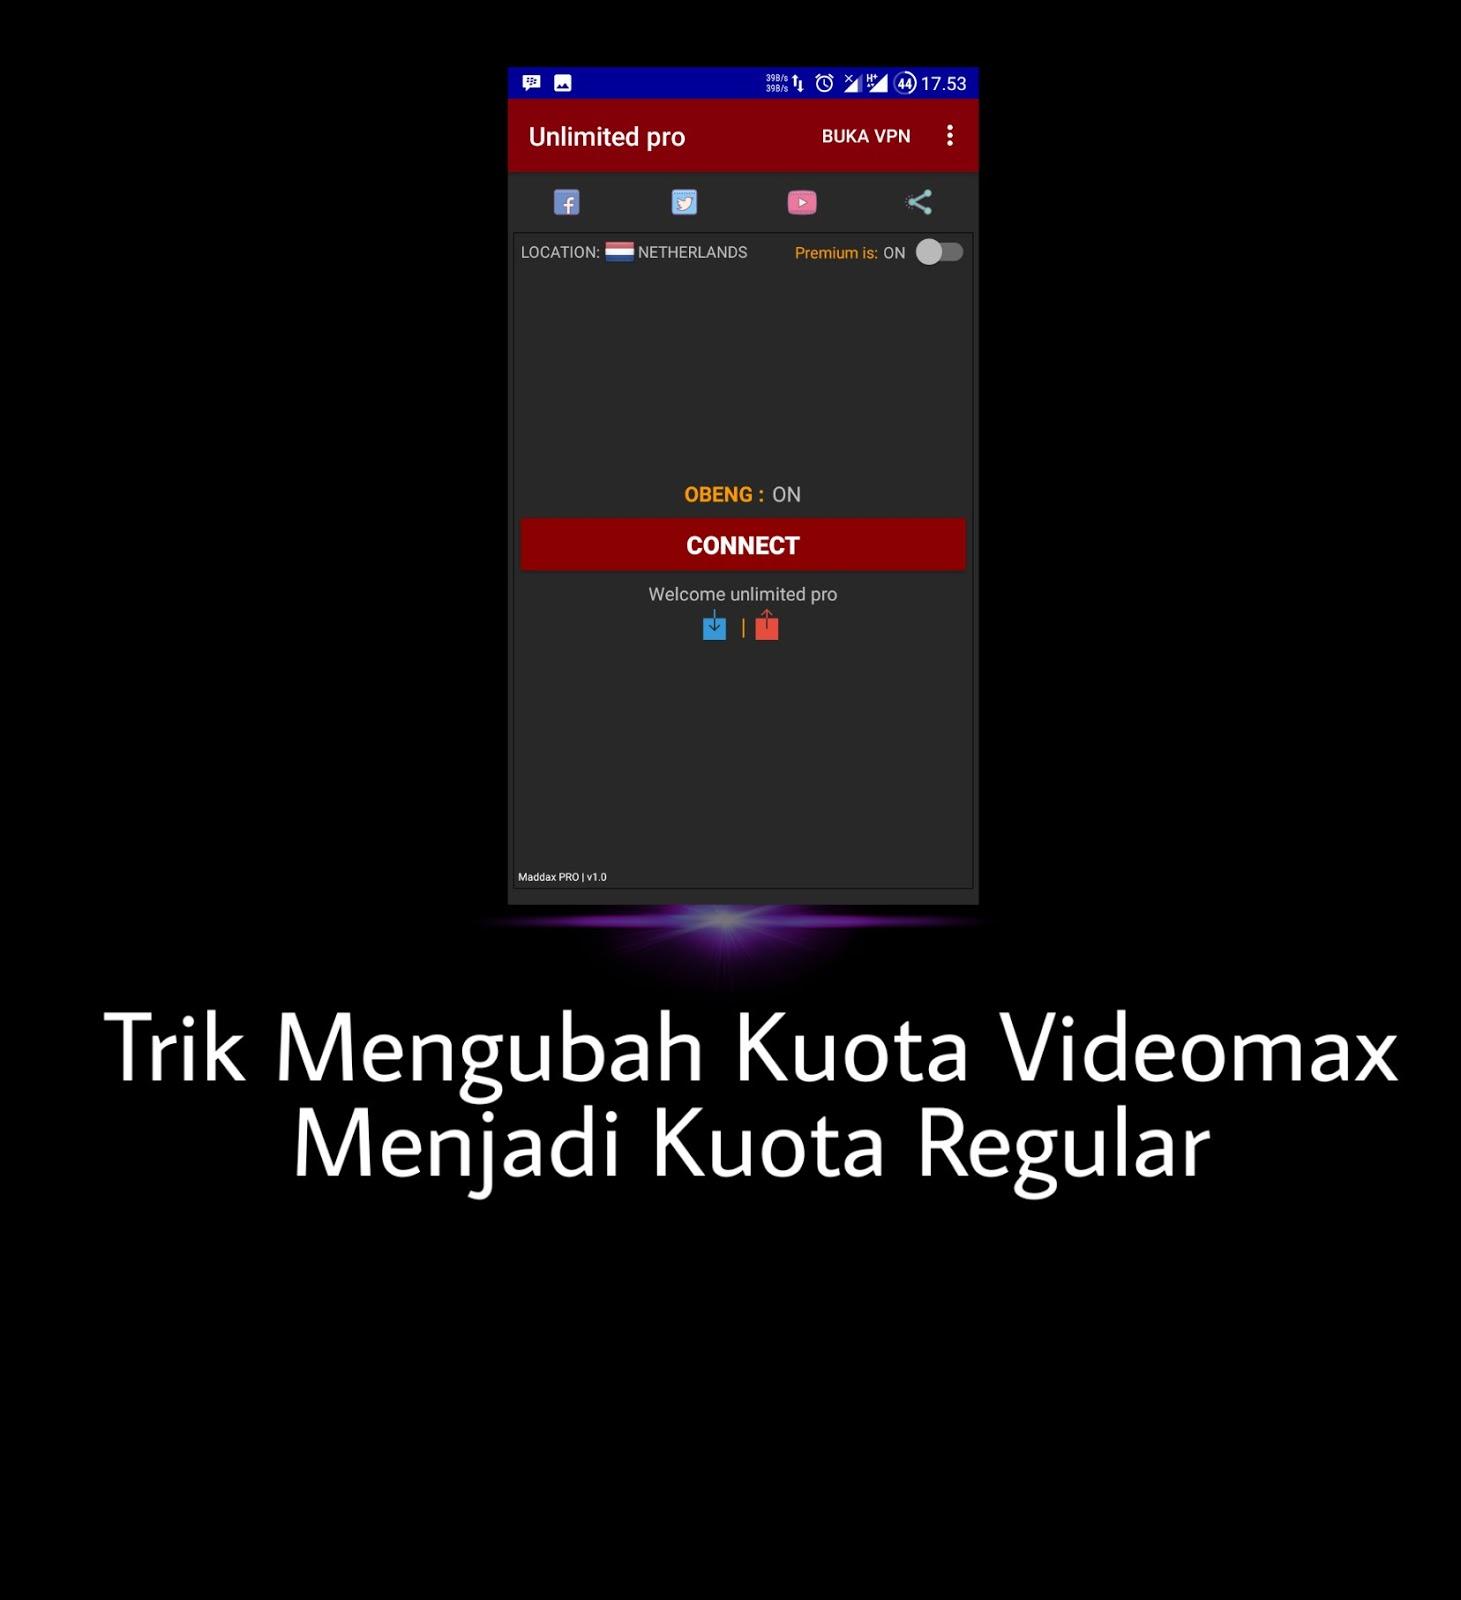 Cara Mengubah Kuota Videomax Telkomsel Menjadi Kuota Regular 24 Jam